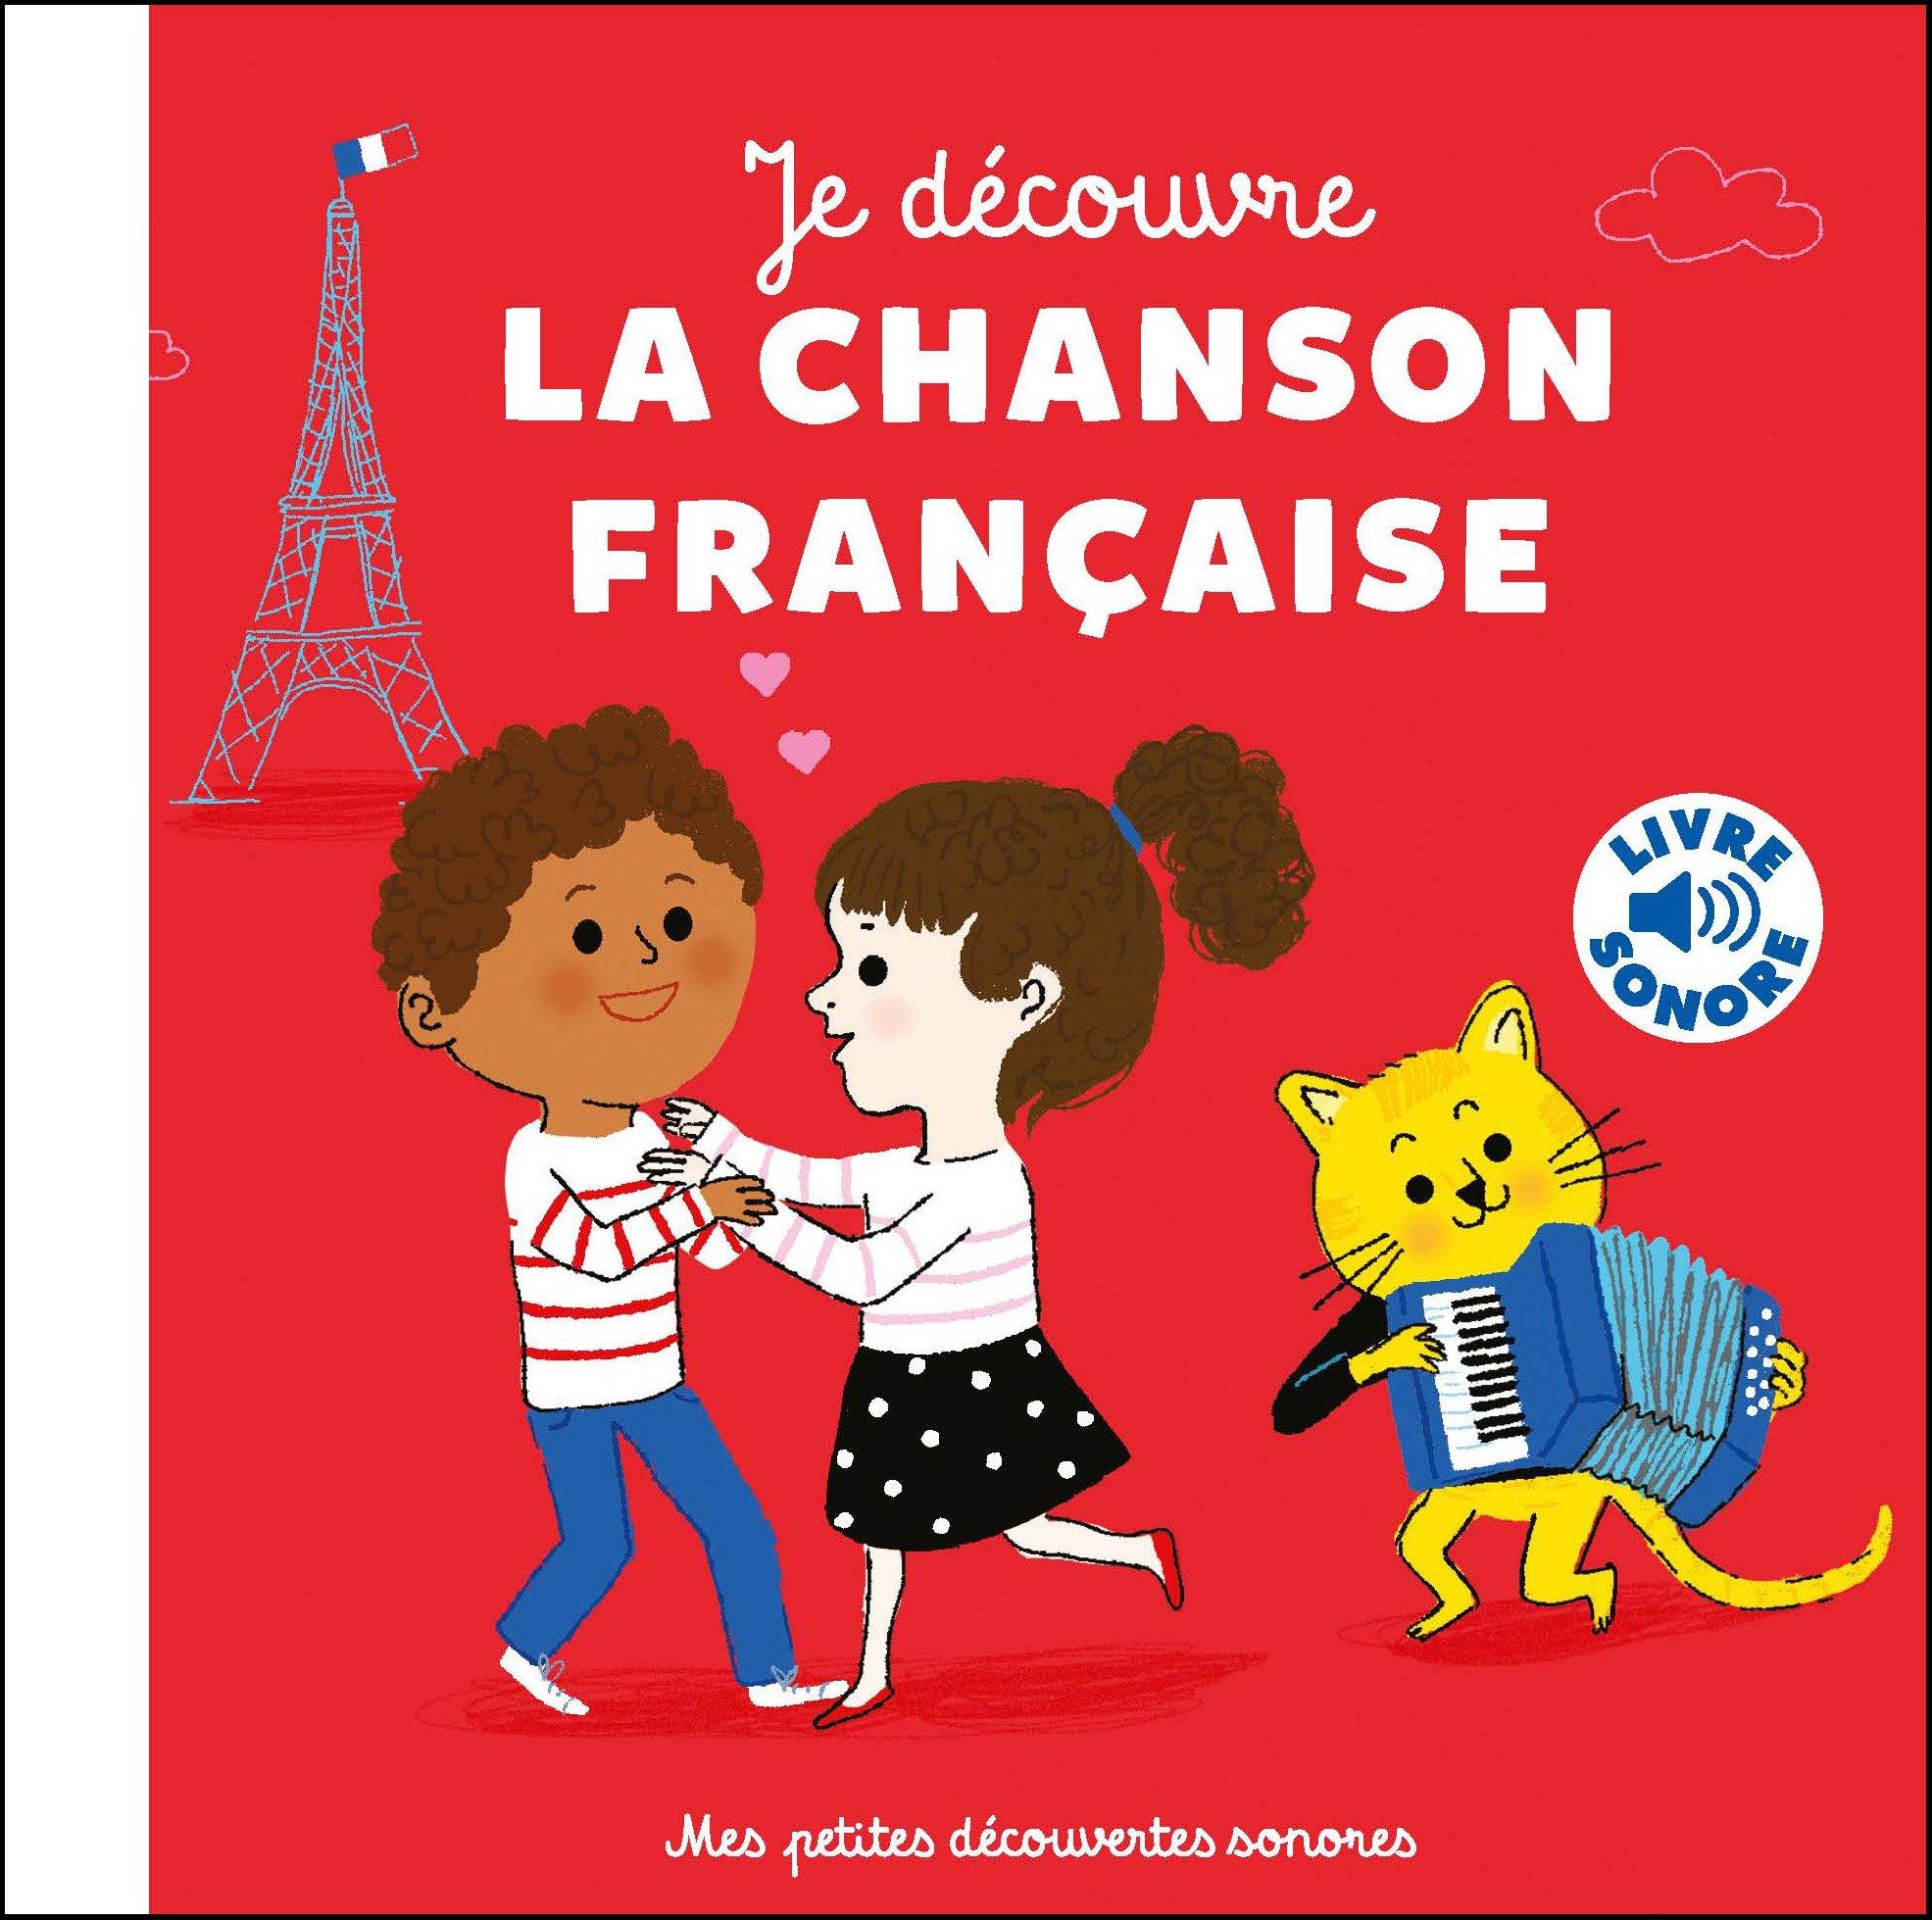 Je Decouvre La Chanson Francaise 6 Instruments 6 Images 6 Musiques Mes Petites Decouvertes Sonores French Edition Roederer Charlotte 9782075107297 Amazon Com Books